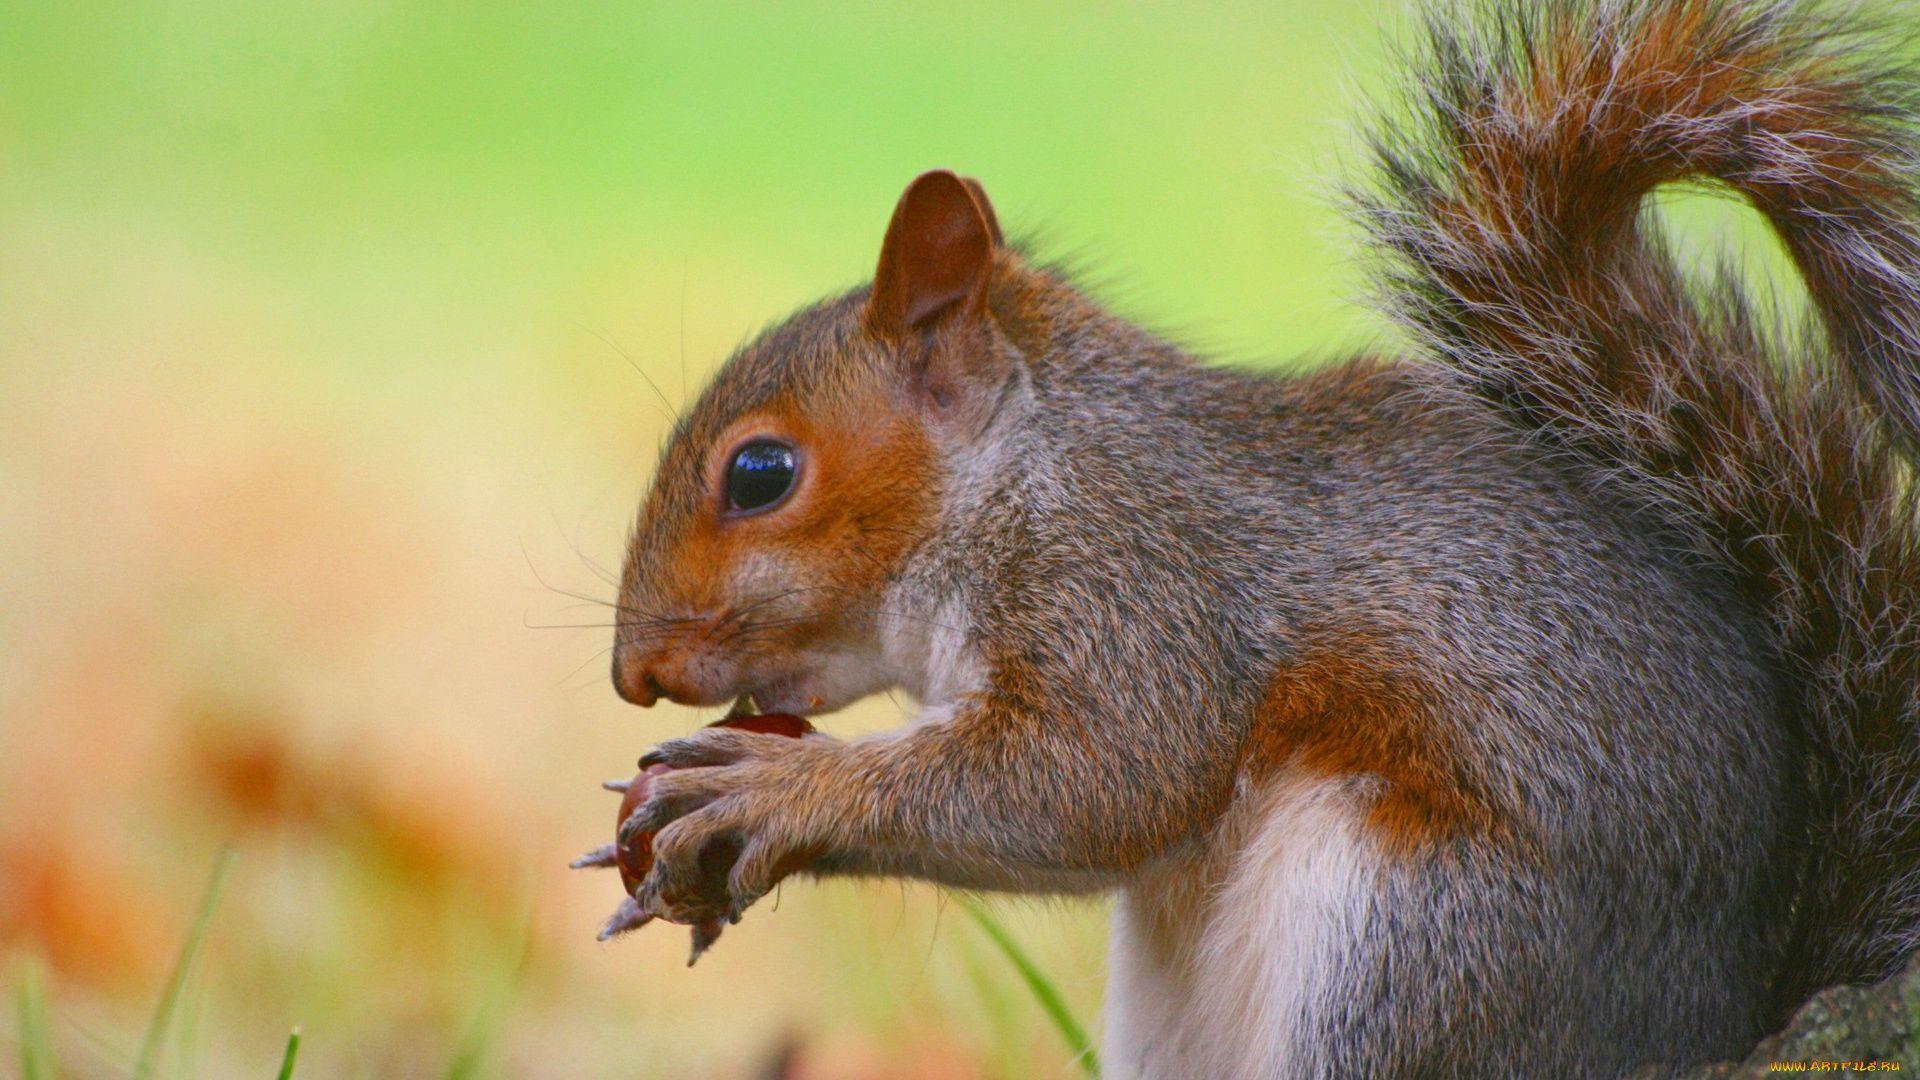 Forest Squirrel Photo